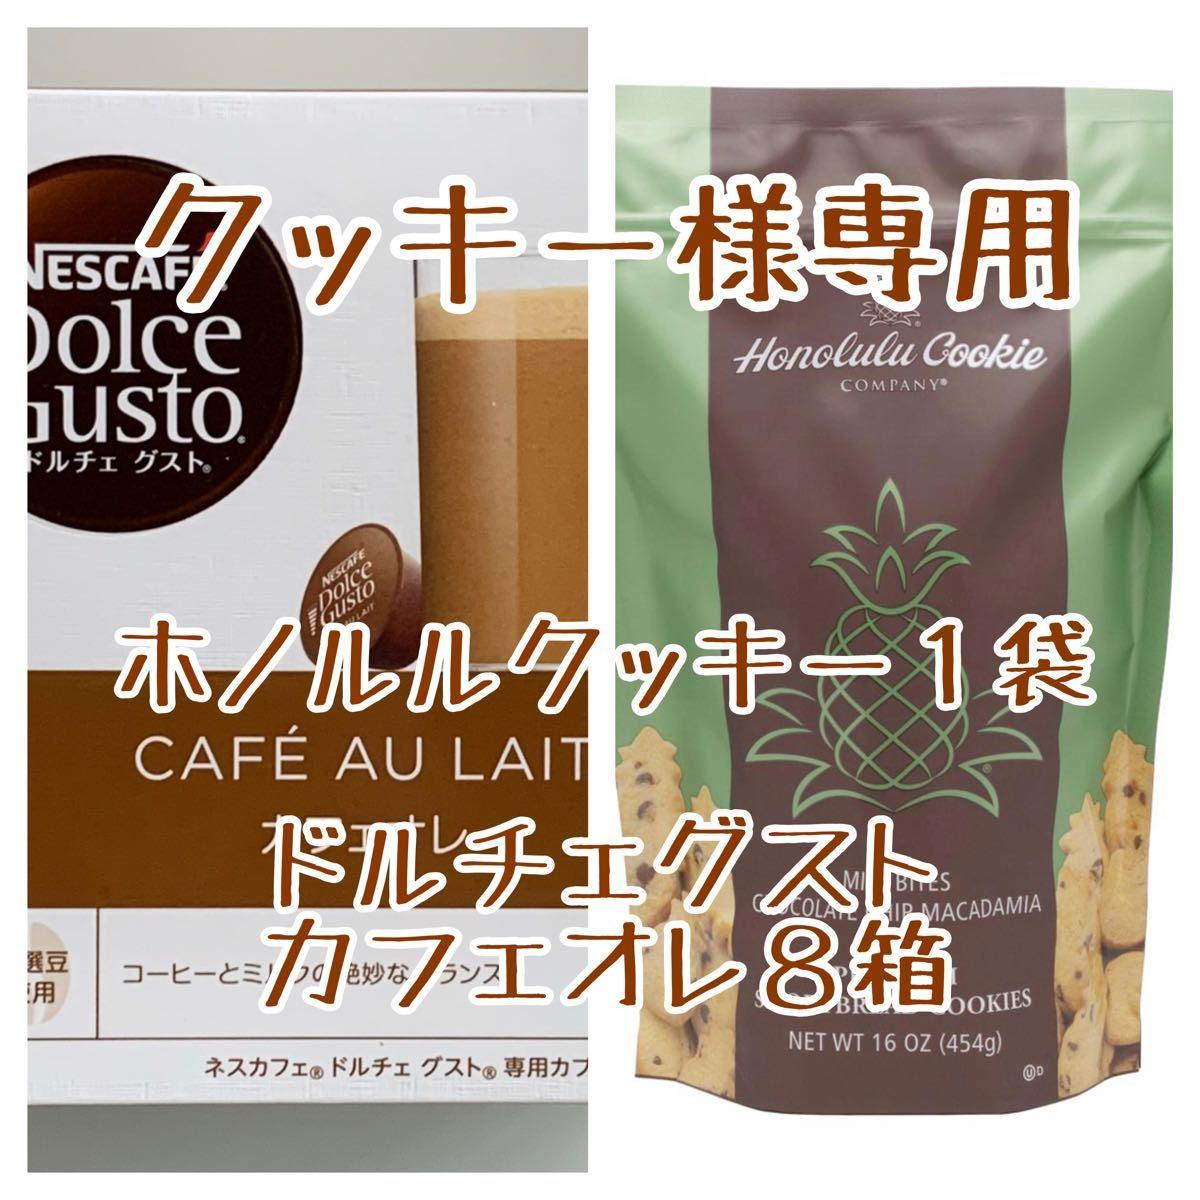 クッキー様専用 ホノルルクッキー & ネスカフェ  ドルチェグスト カフェオレ 8箱(128カプセル)